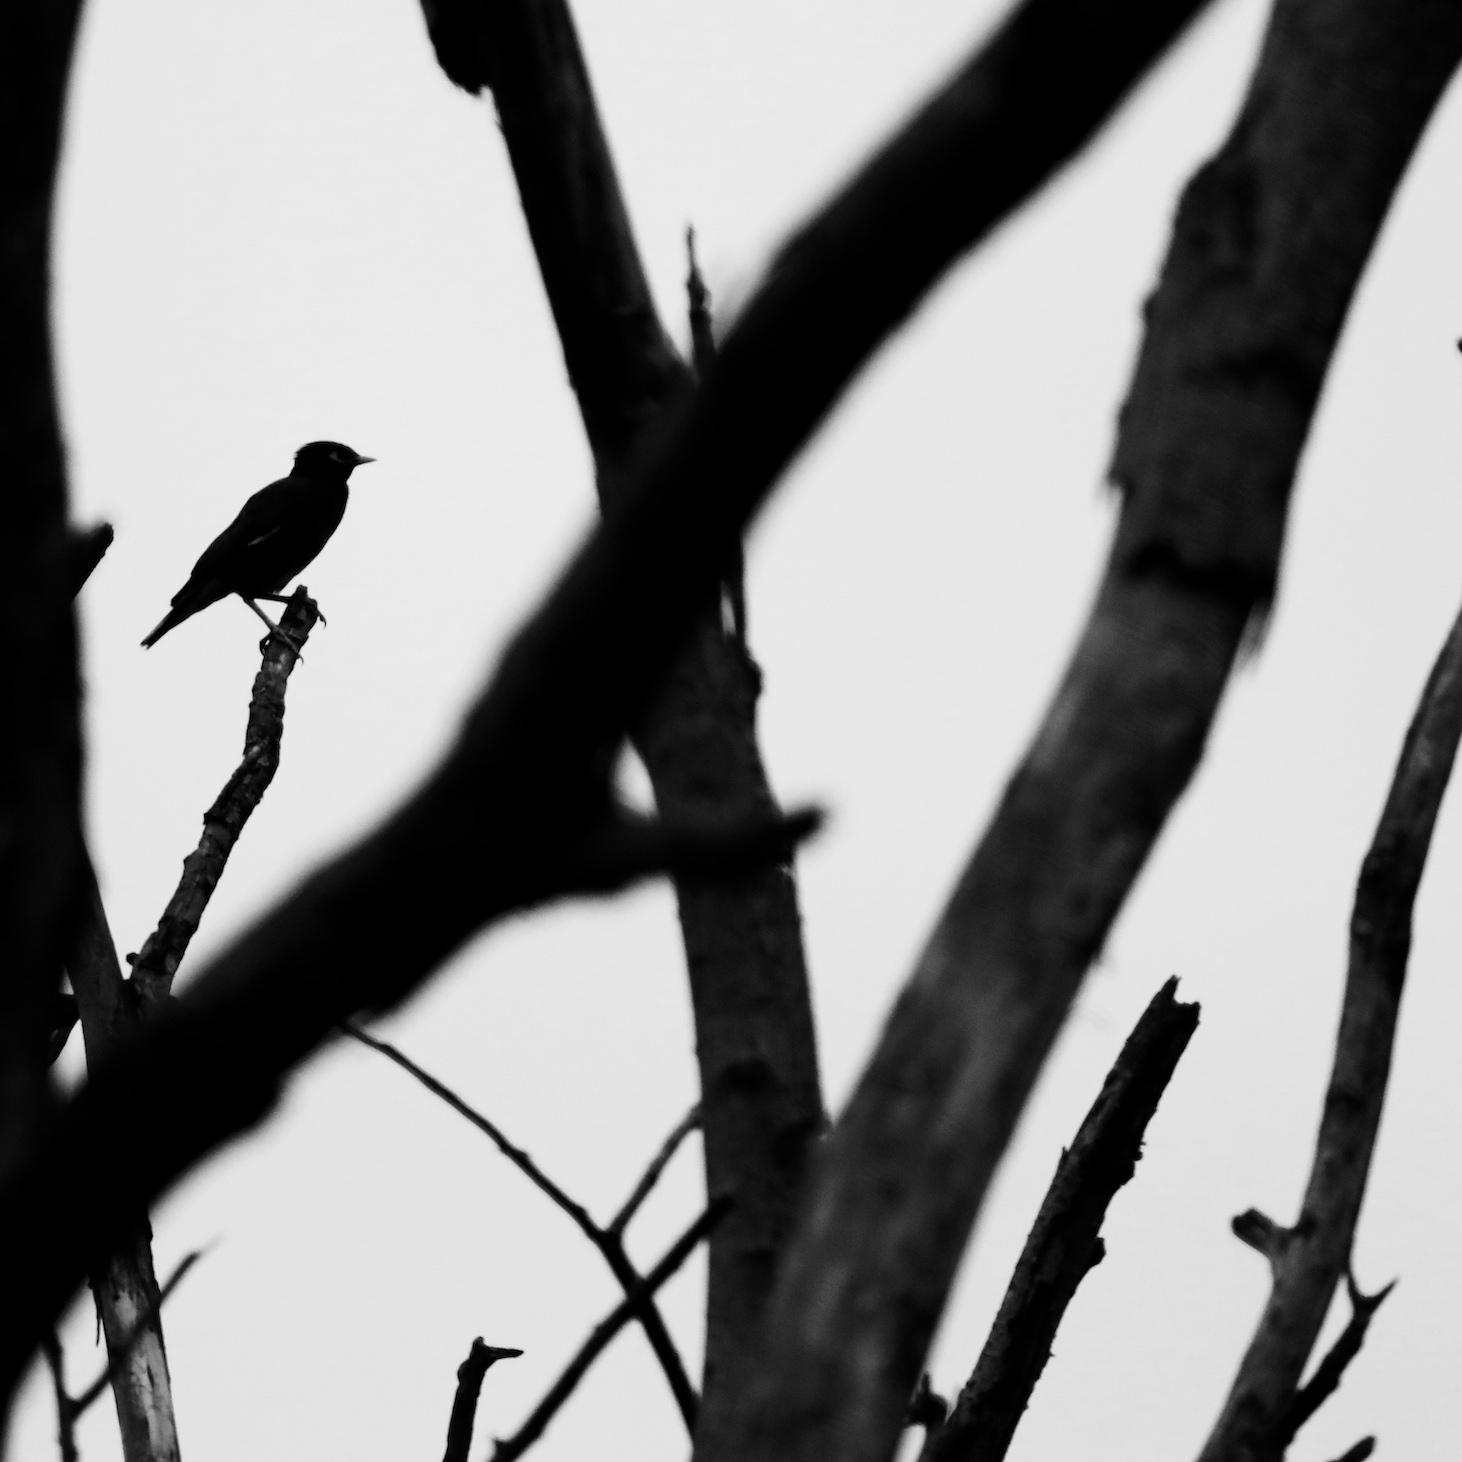 Bird silhouette through the trees.